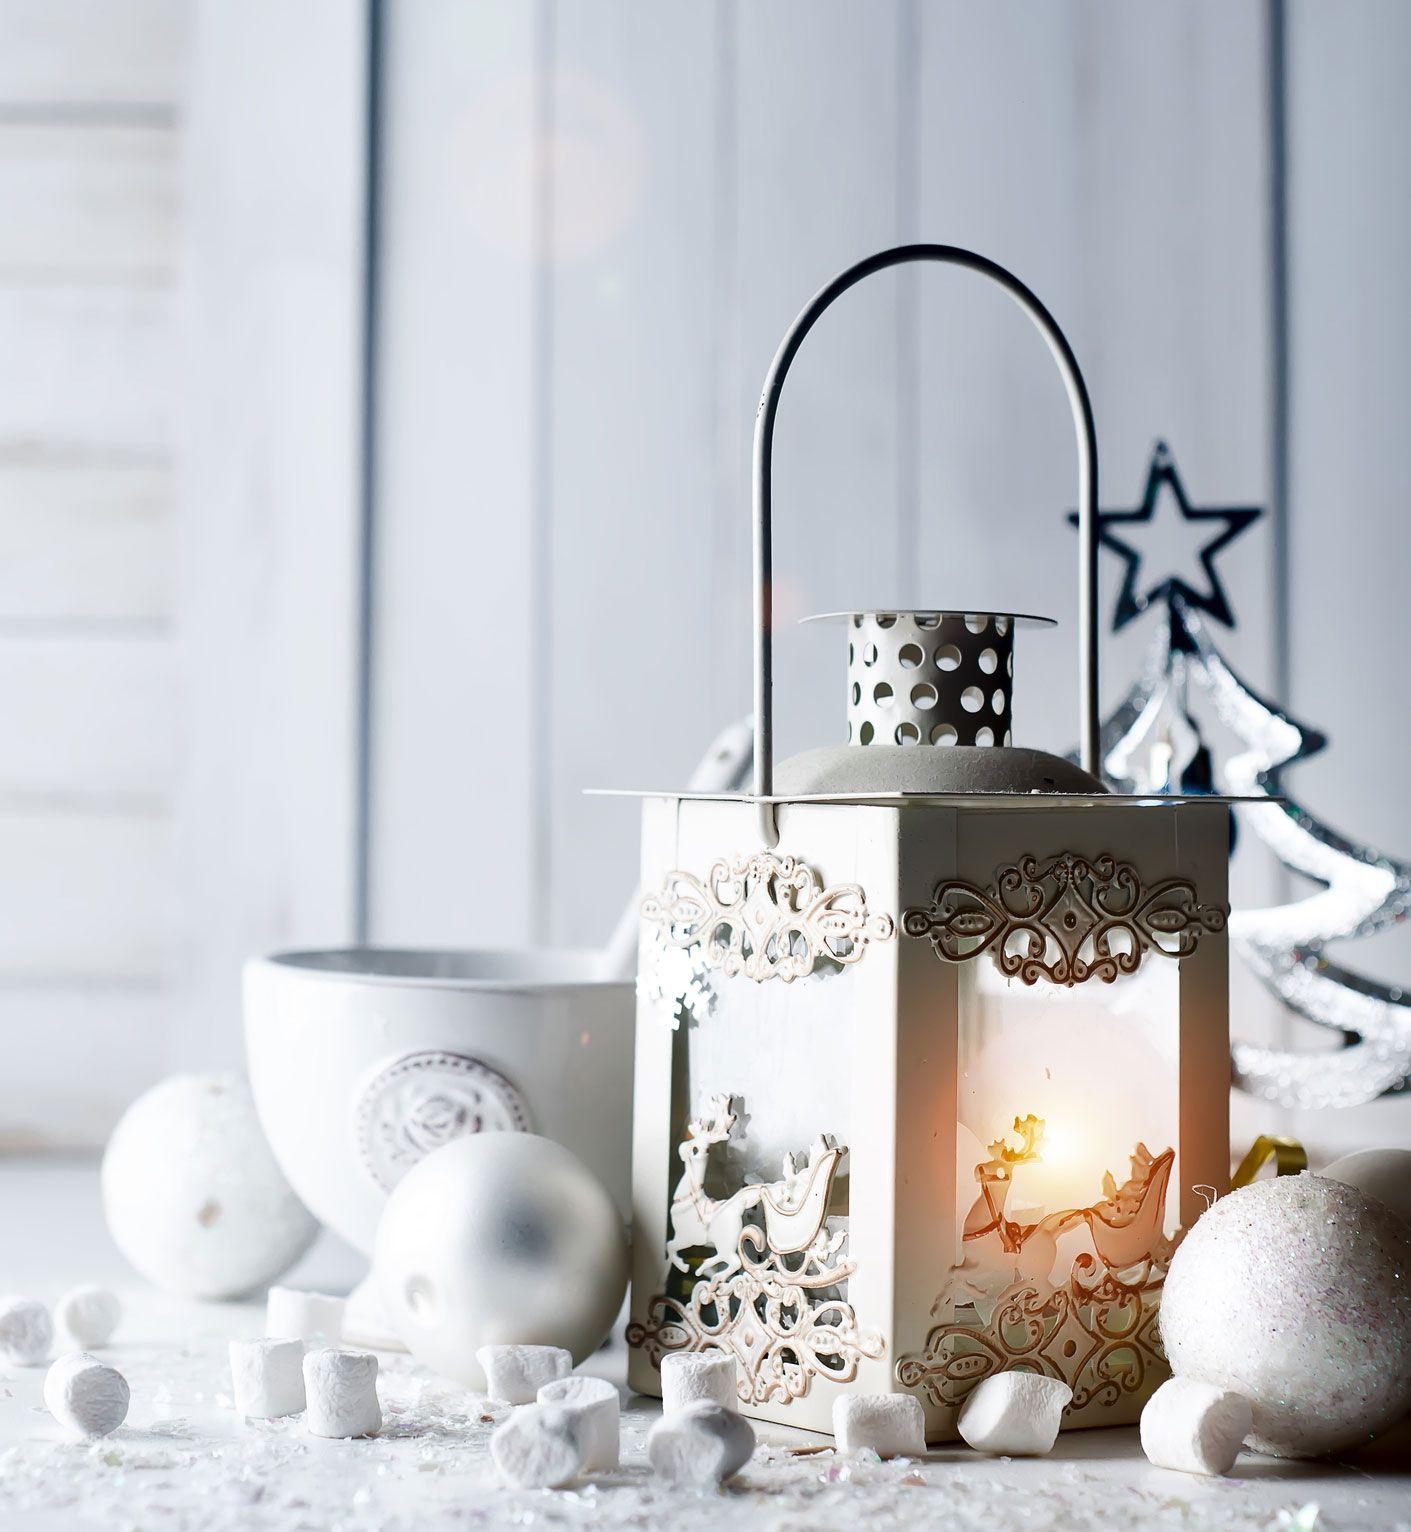 Éclairage de Noël avec des lanternes à bougie